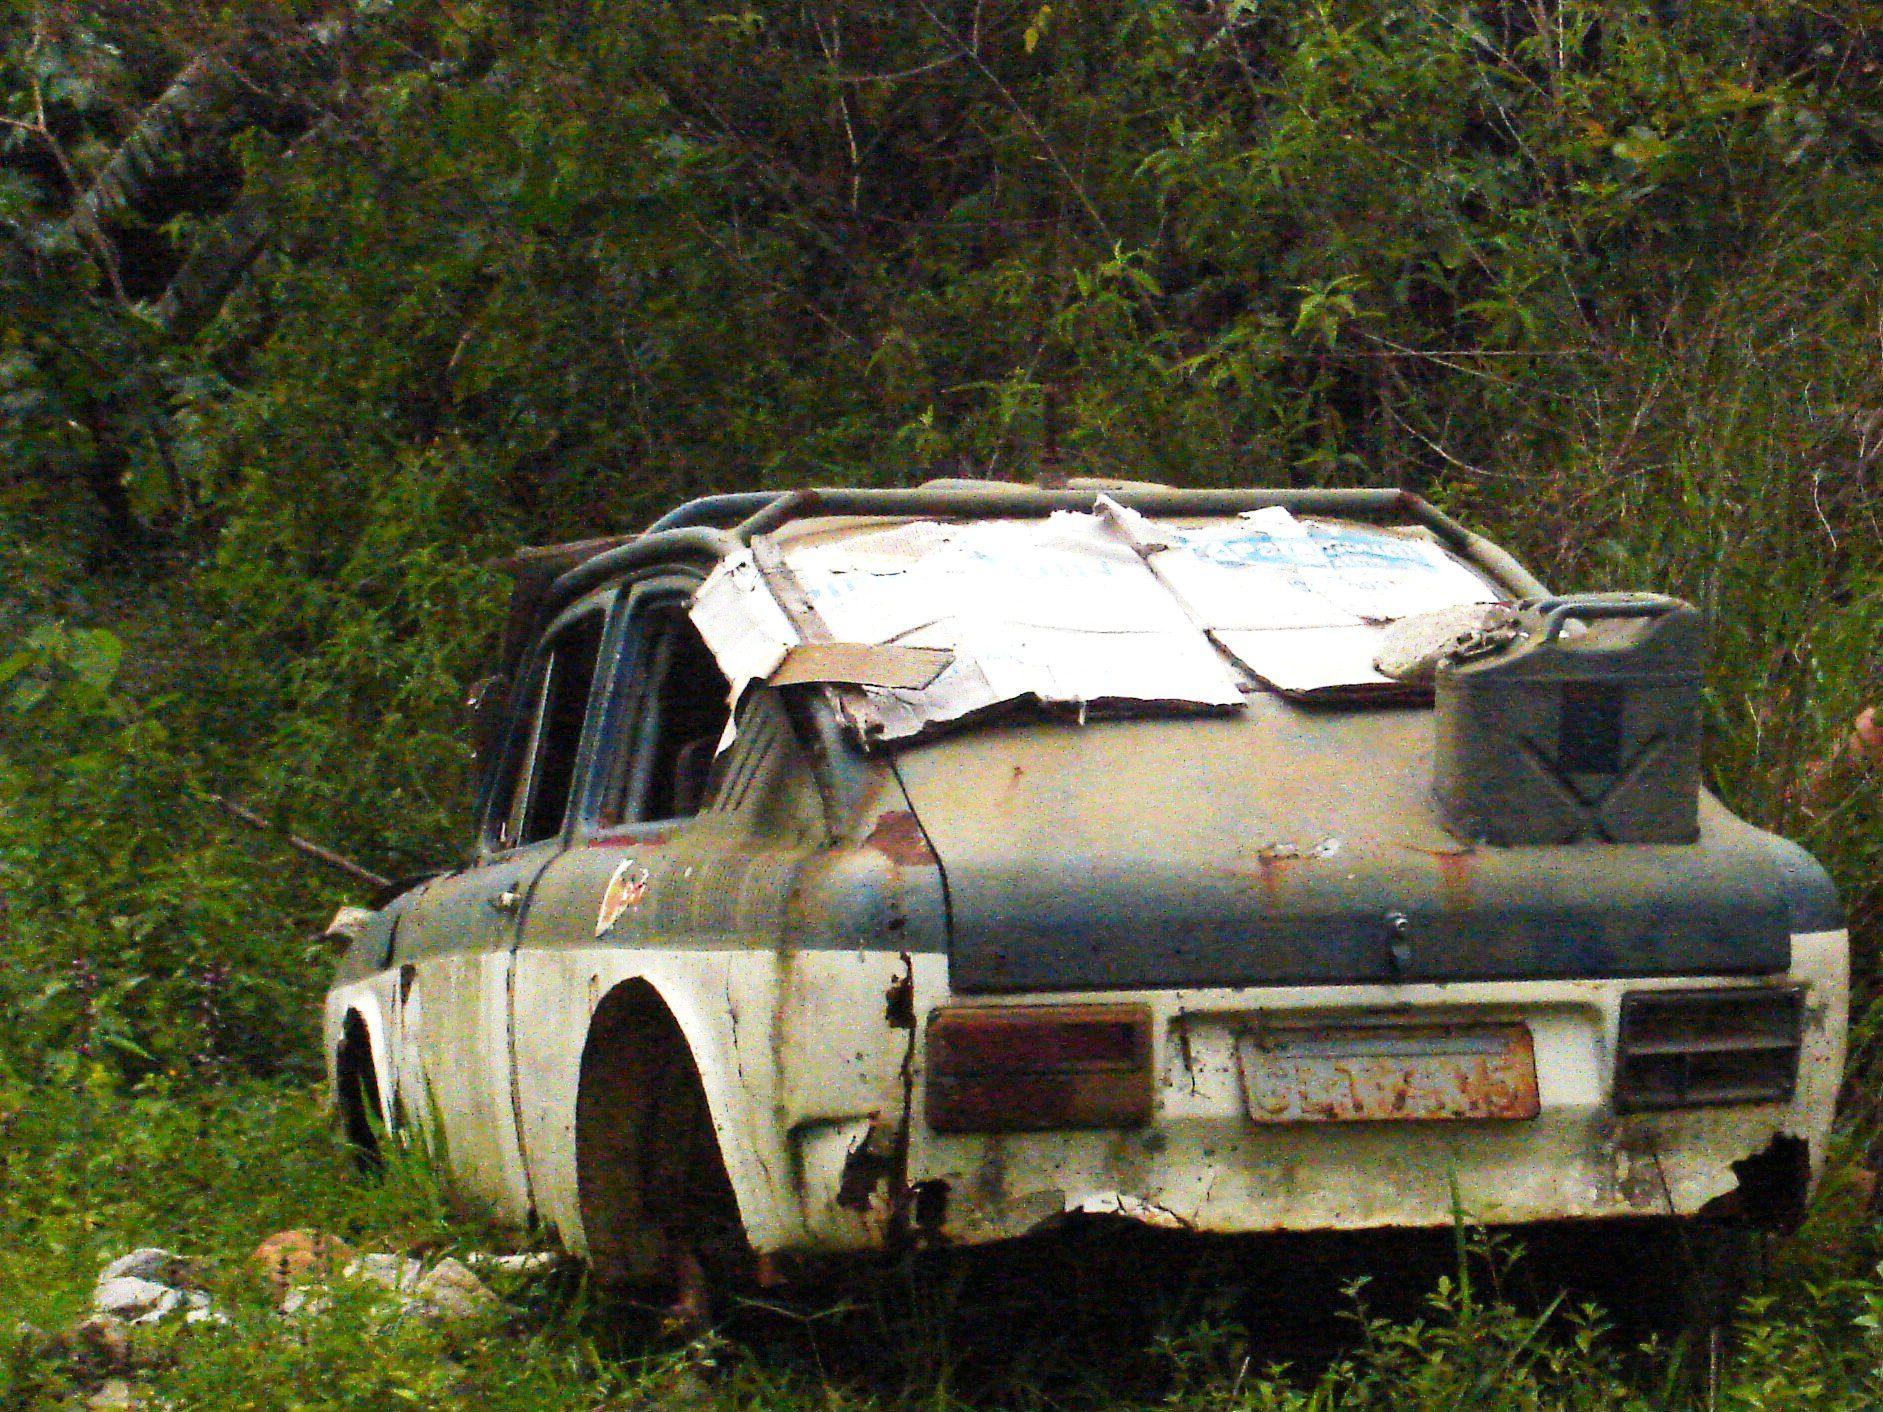 uPaula-Fernandes-tl-santuario Volkswagen TL